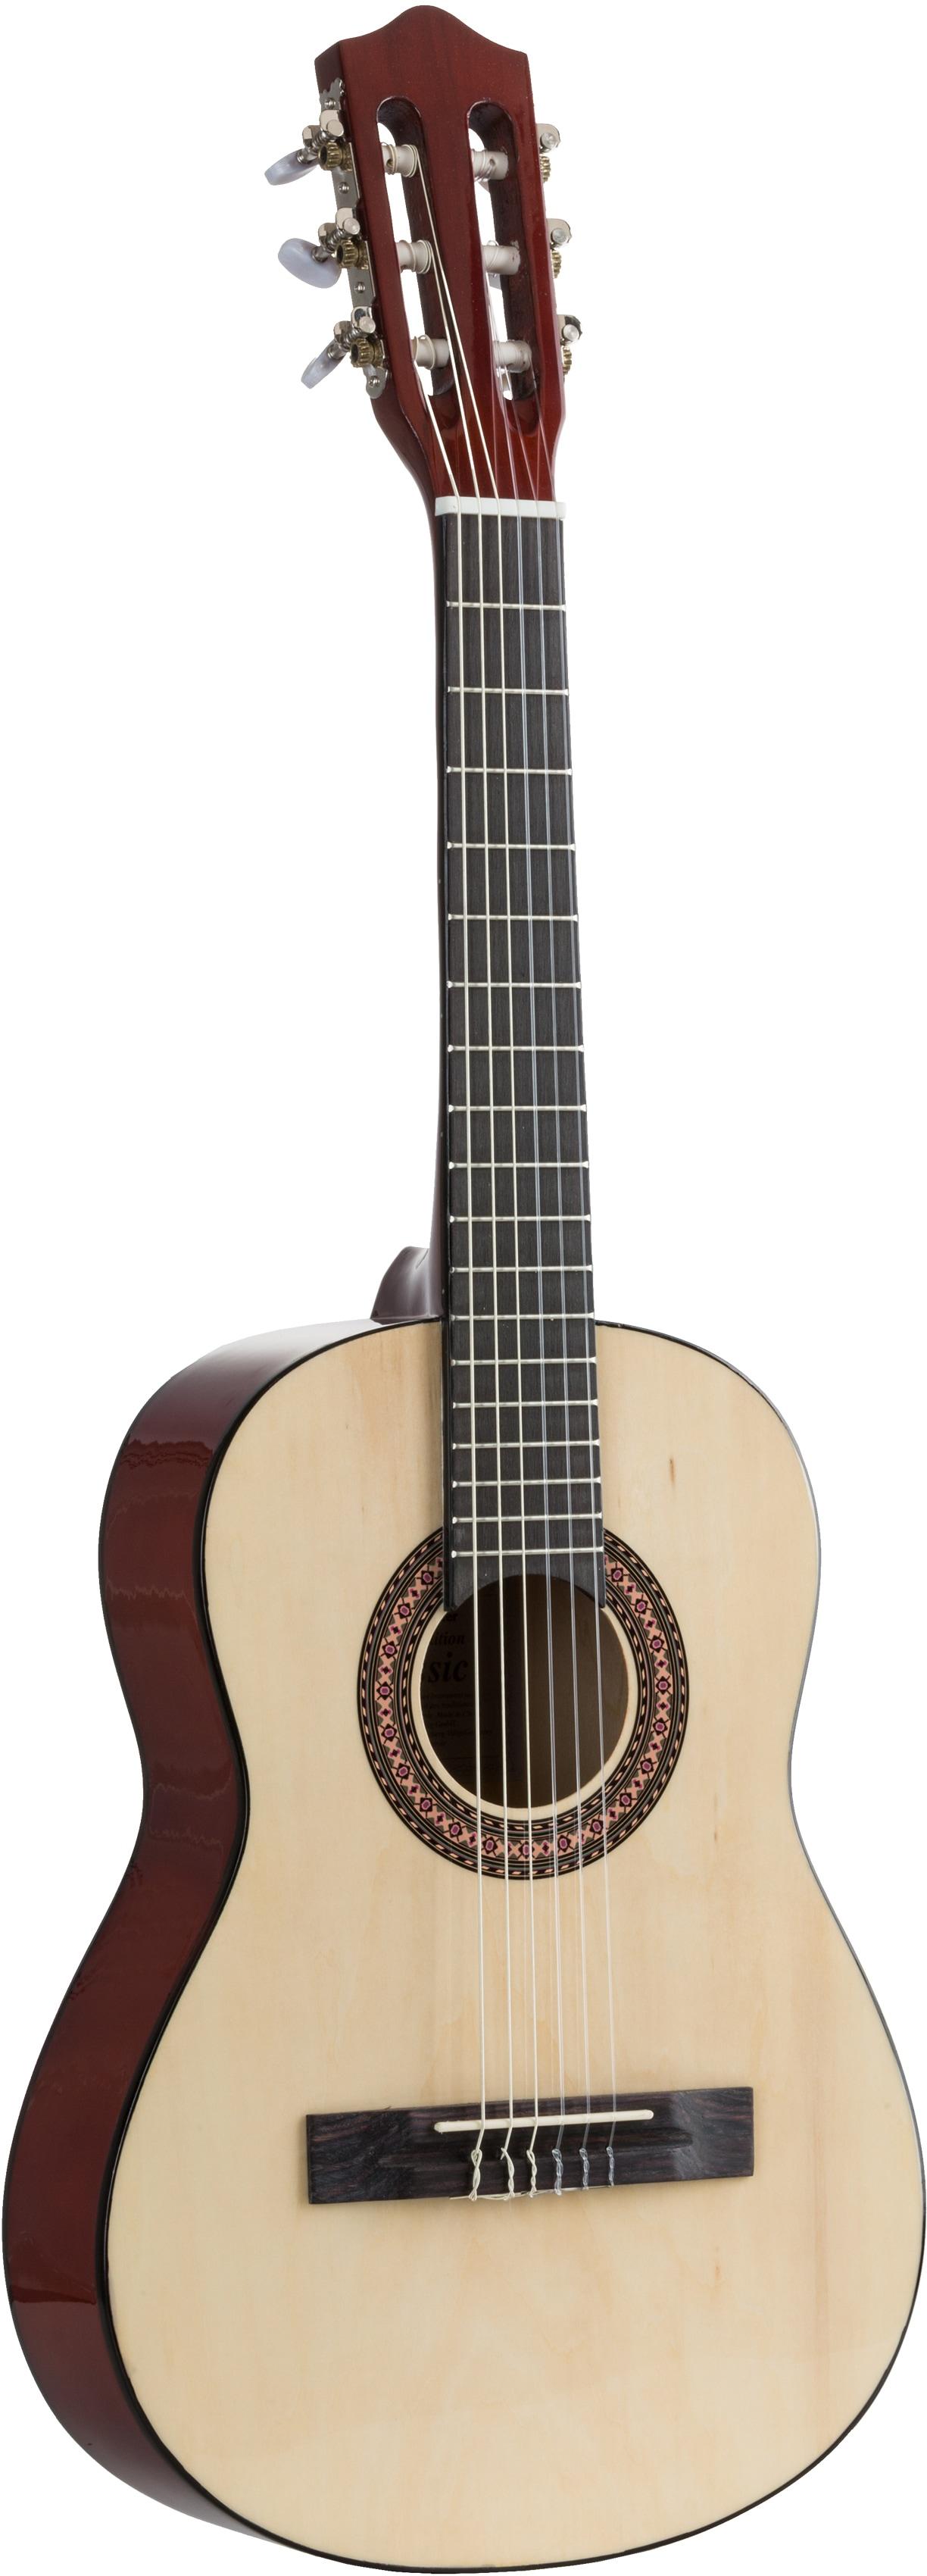 Voggenreiter Kindergitarre Kindergitarre, natur, 1/2 braun Gitarre Musikinstrumente